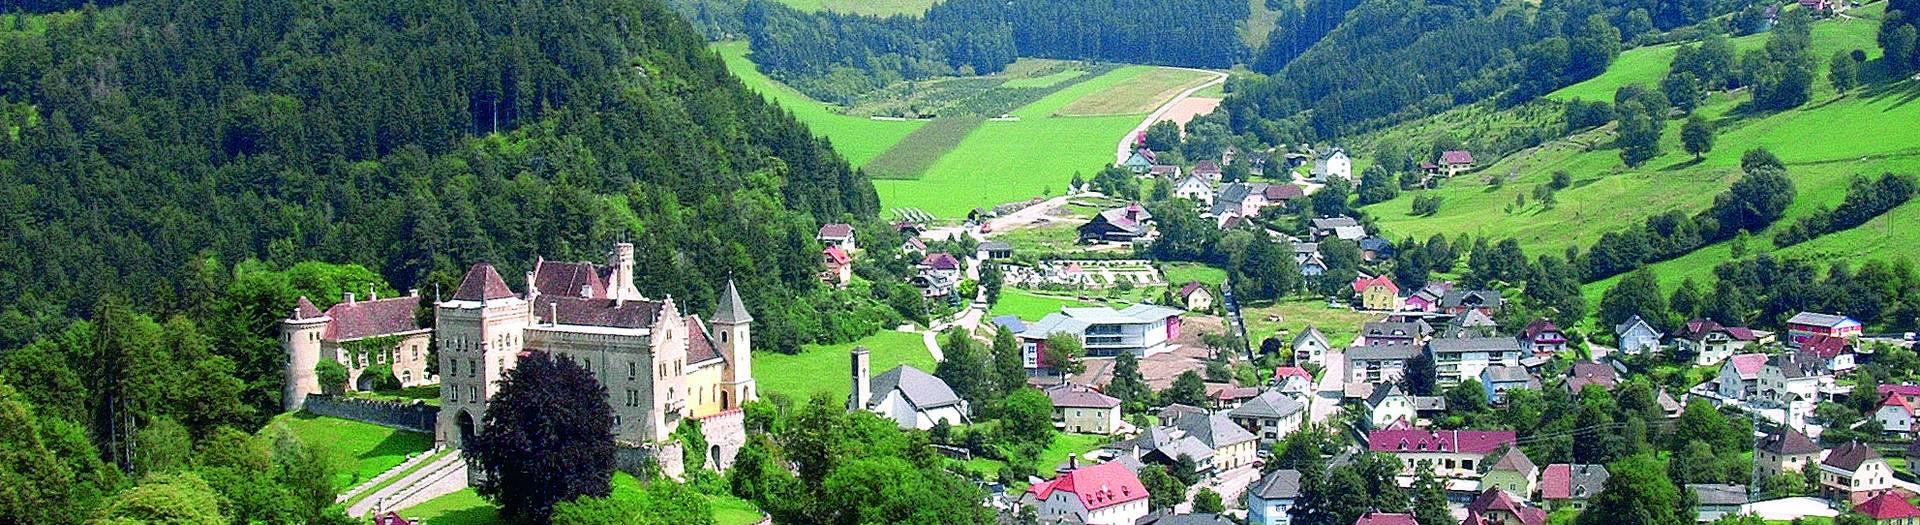 Eberstein Tourismusregion Mittelkärnten